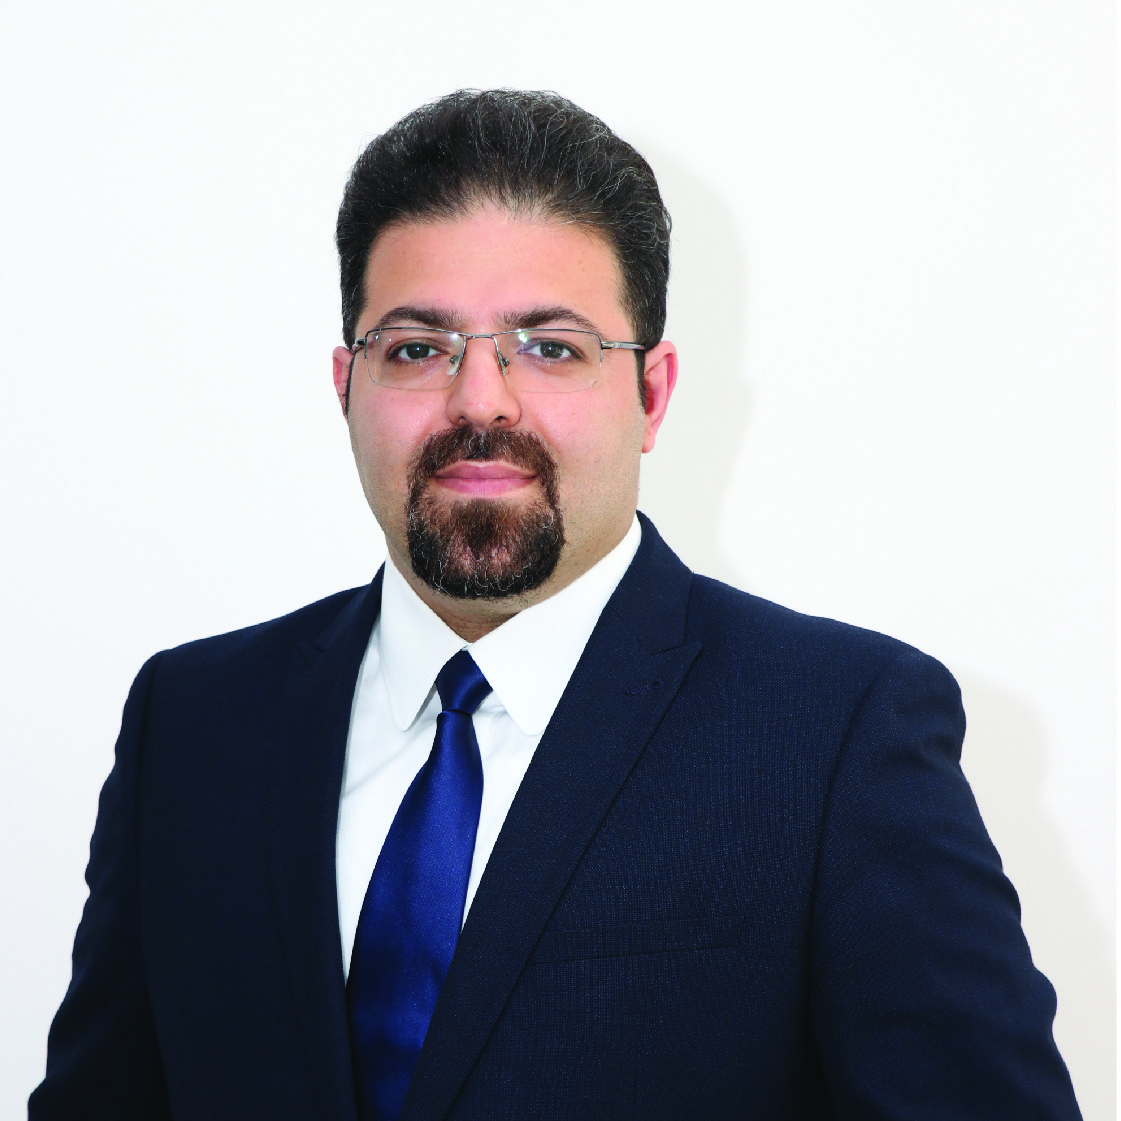 Dr Nader Mosavat